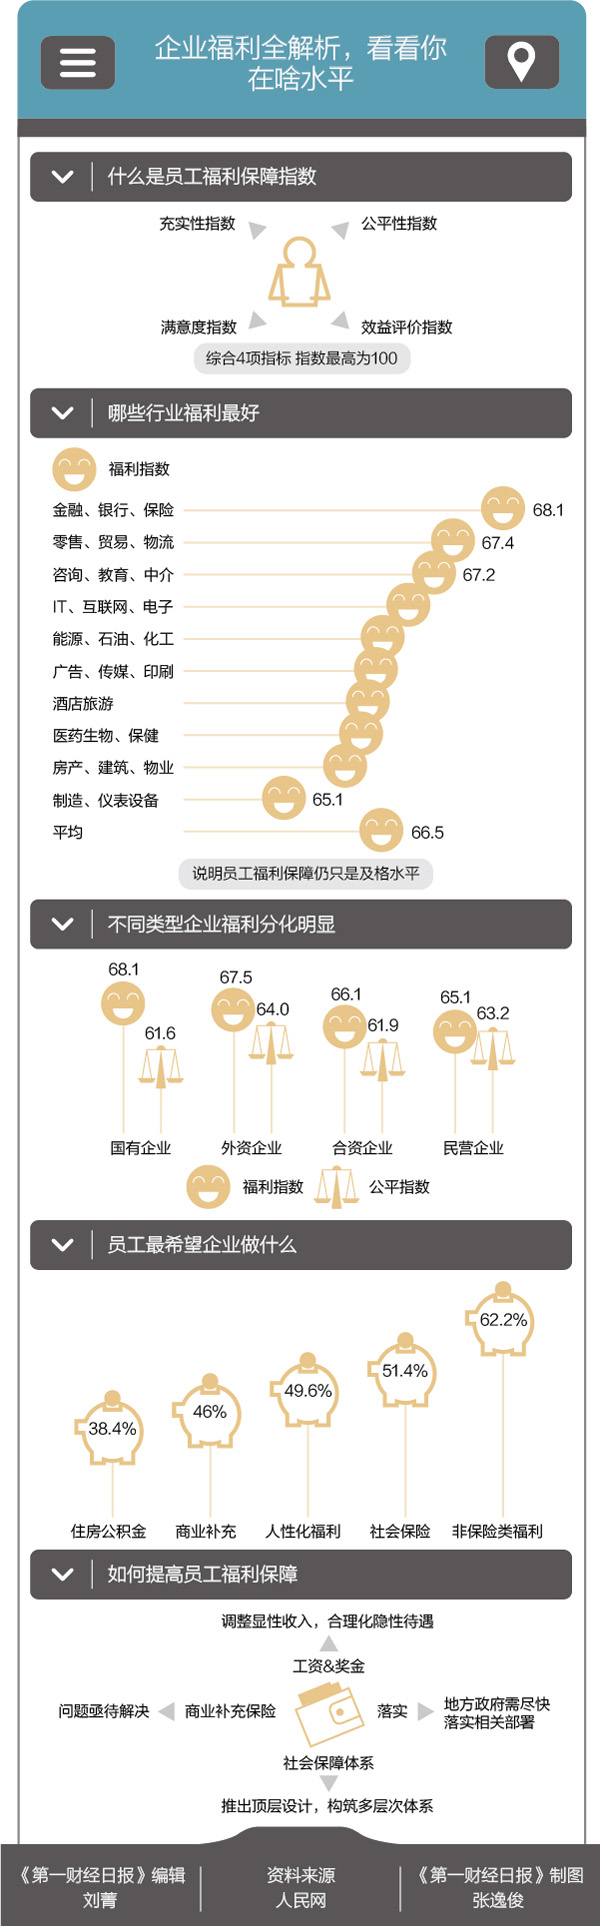 一张图看中国各行业企业福利 你及格了吗